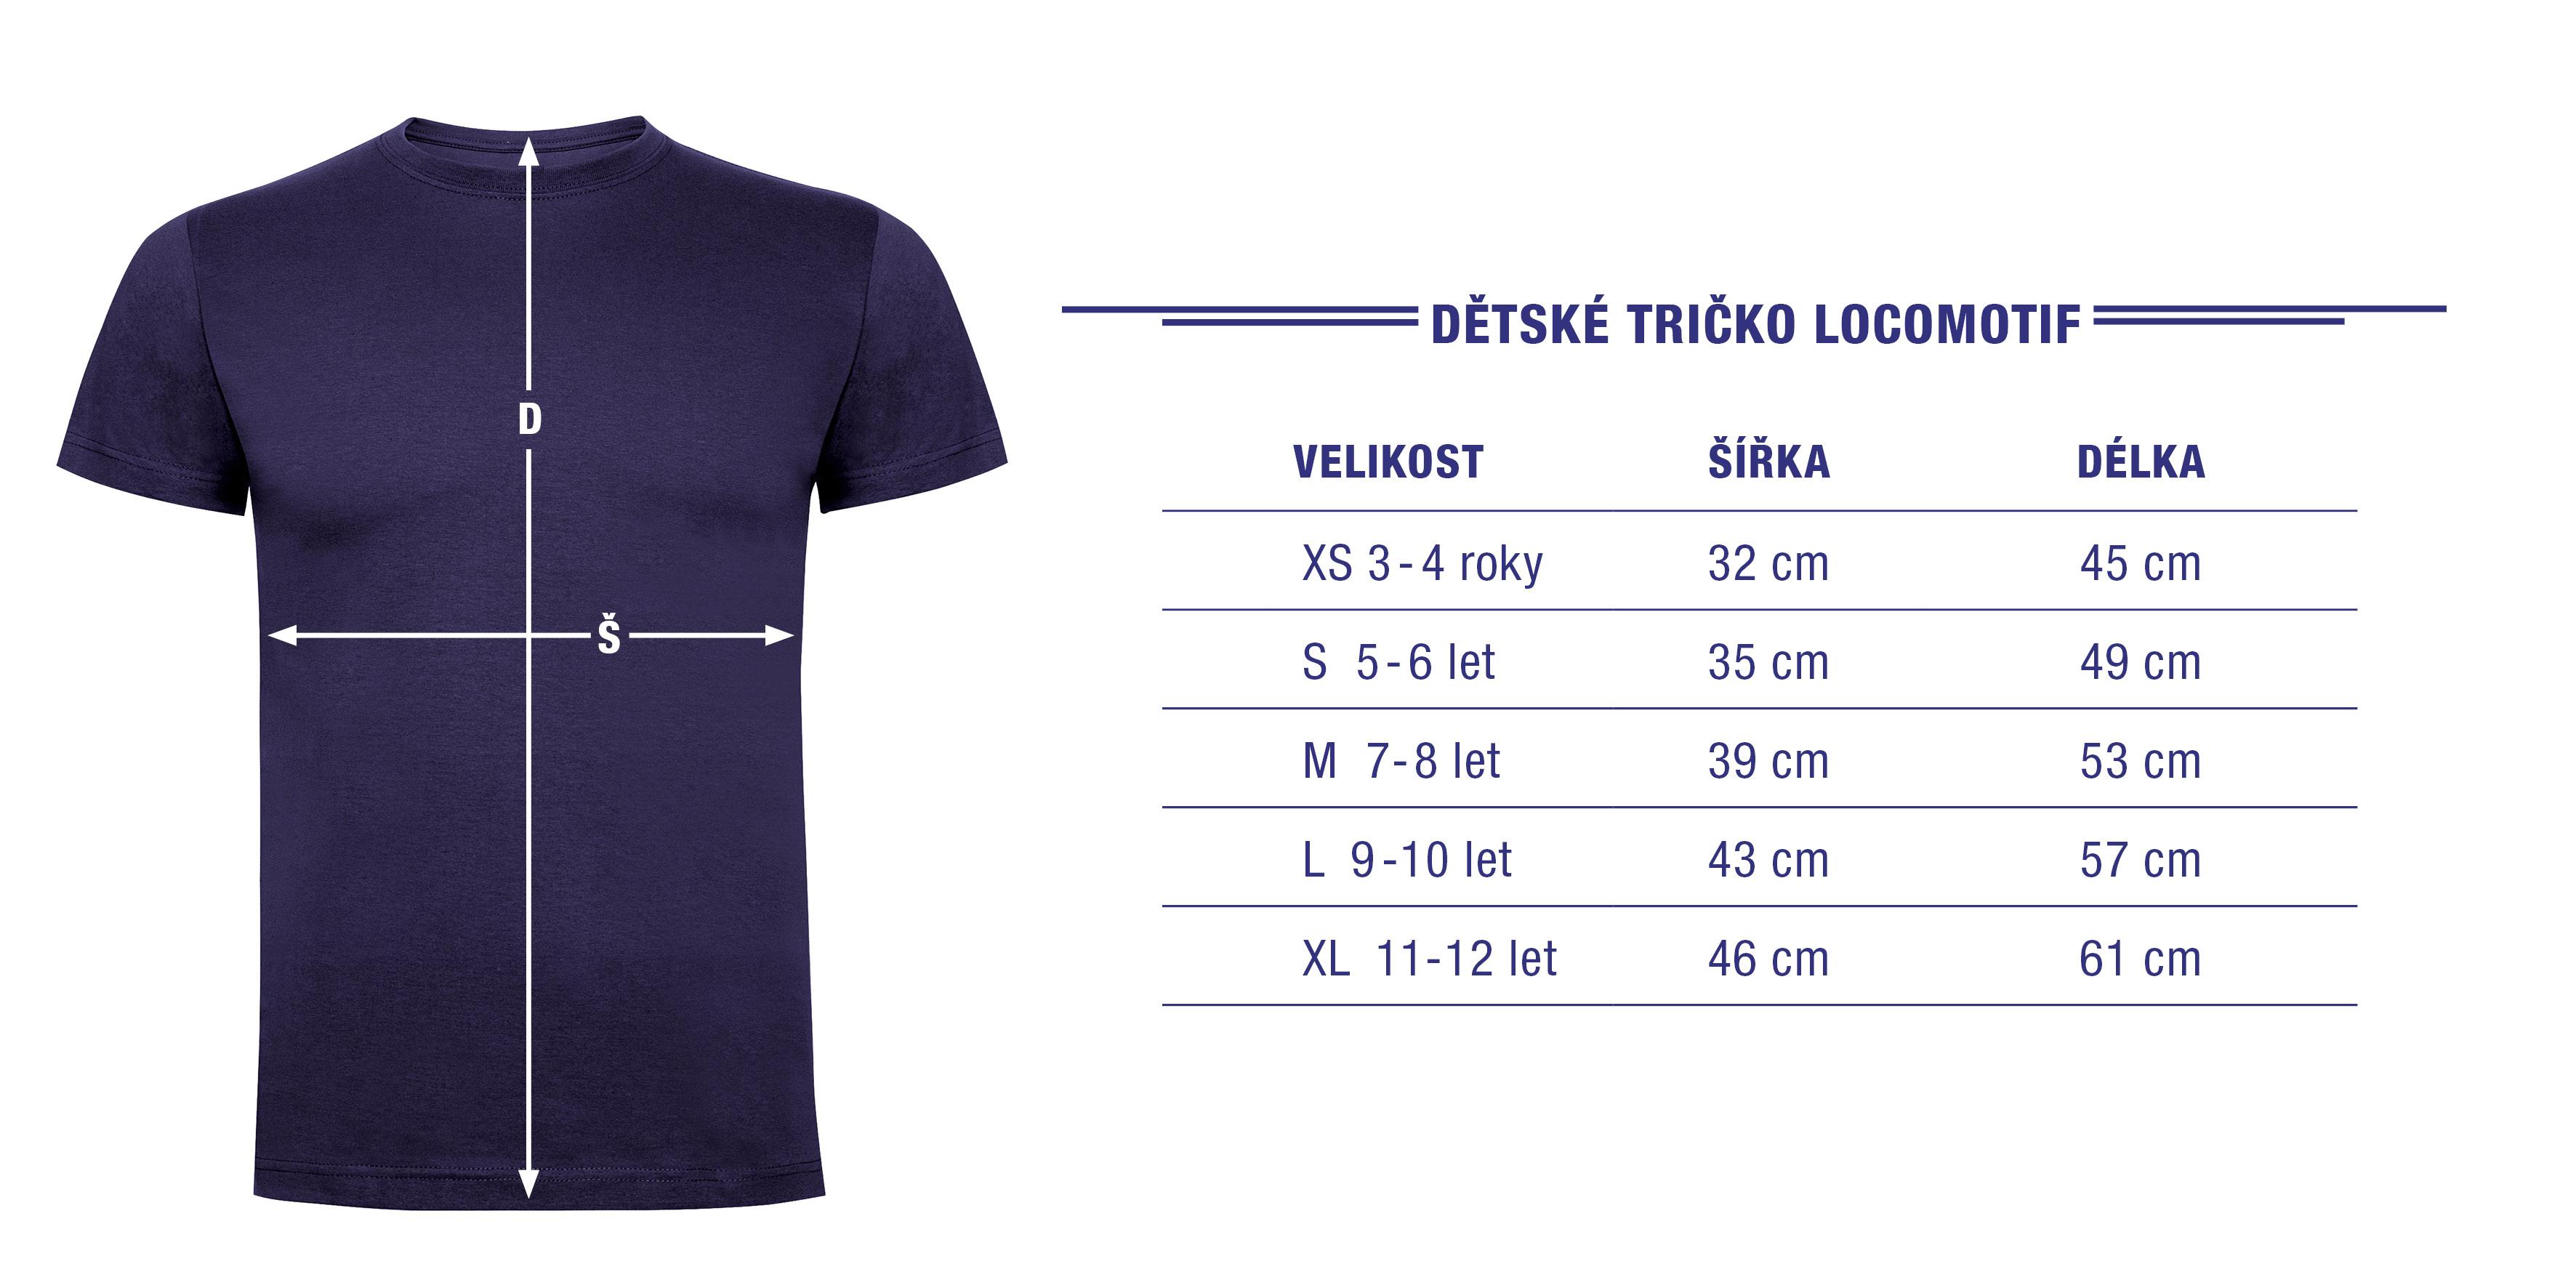 3detske_triko_velikost